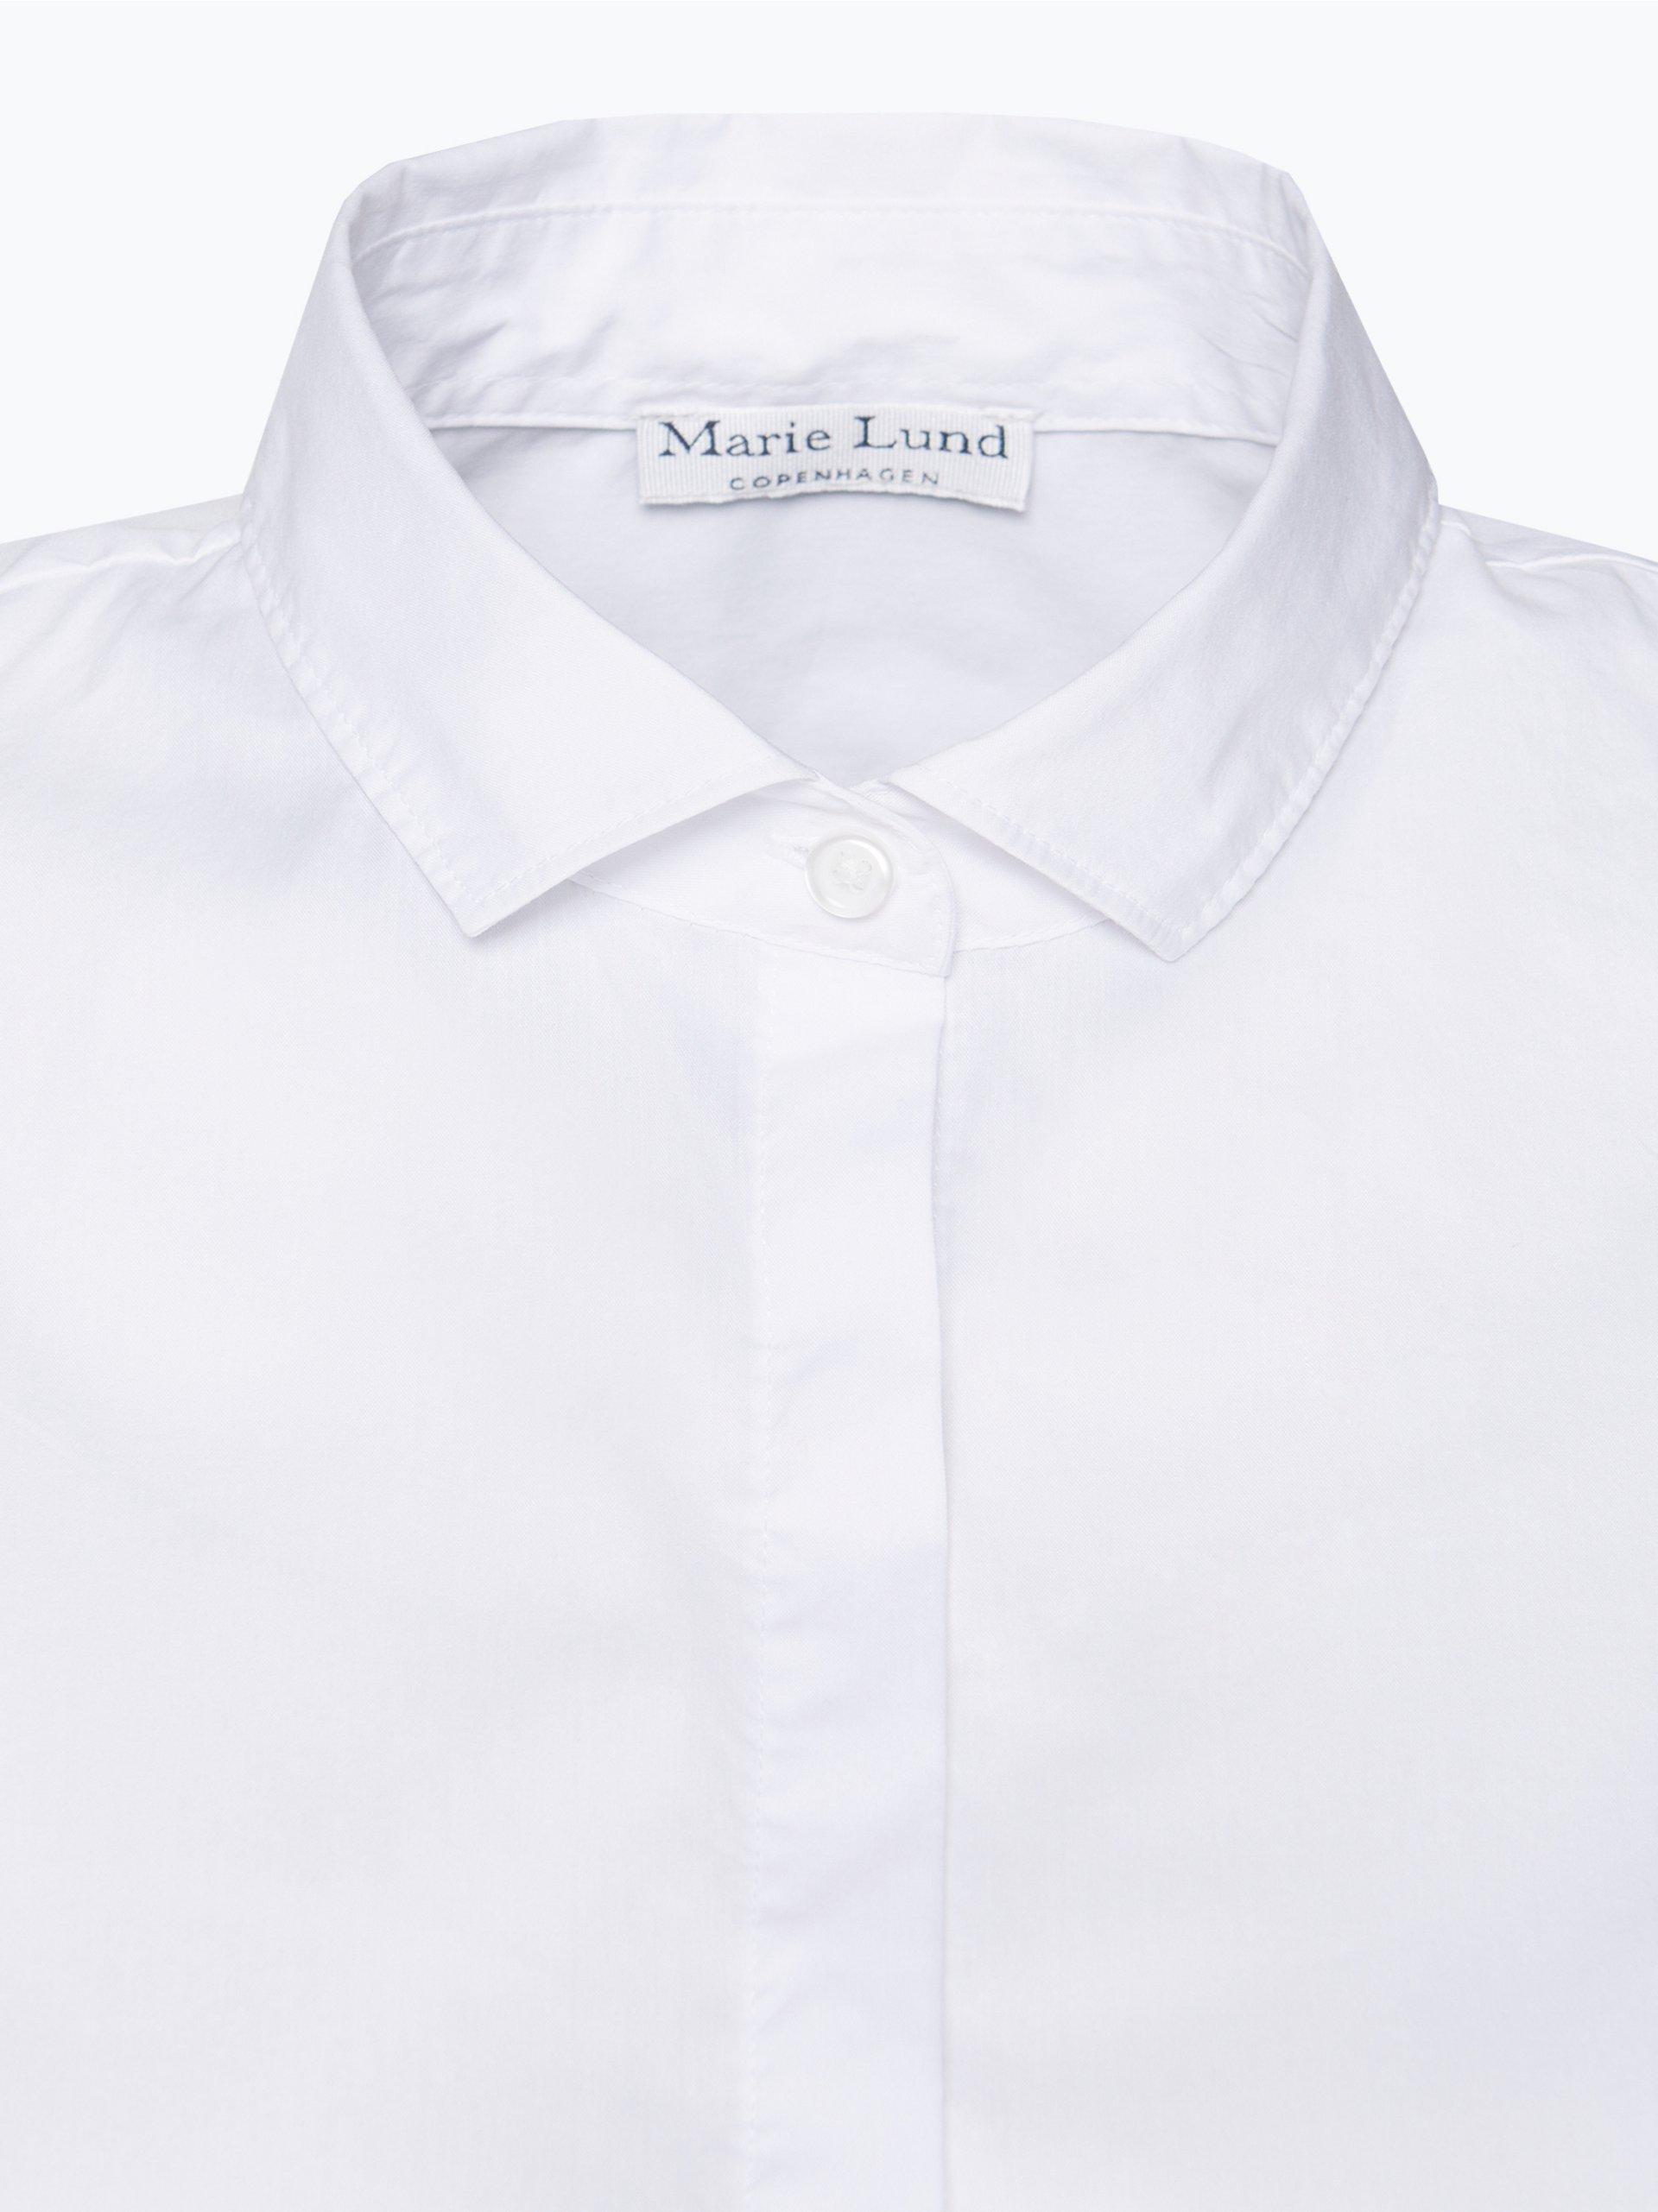 Marie Lund Damen Bluse